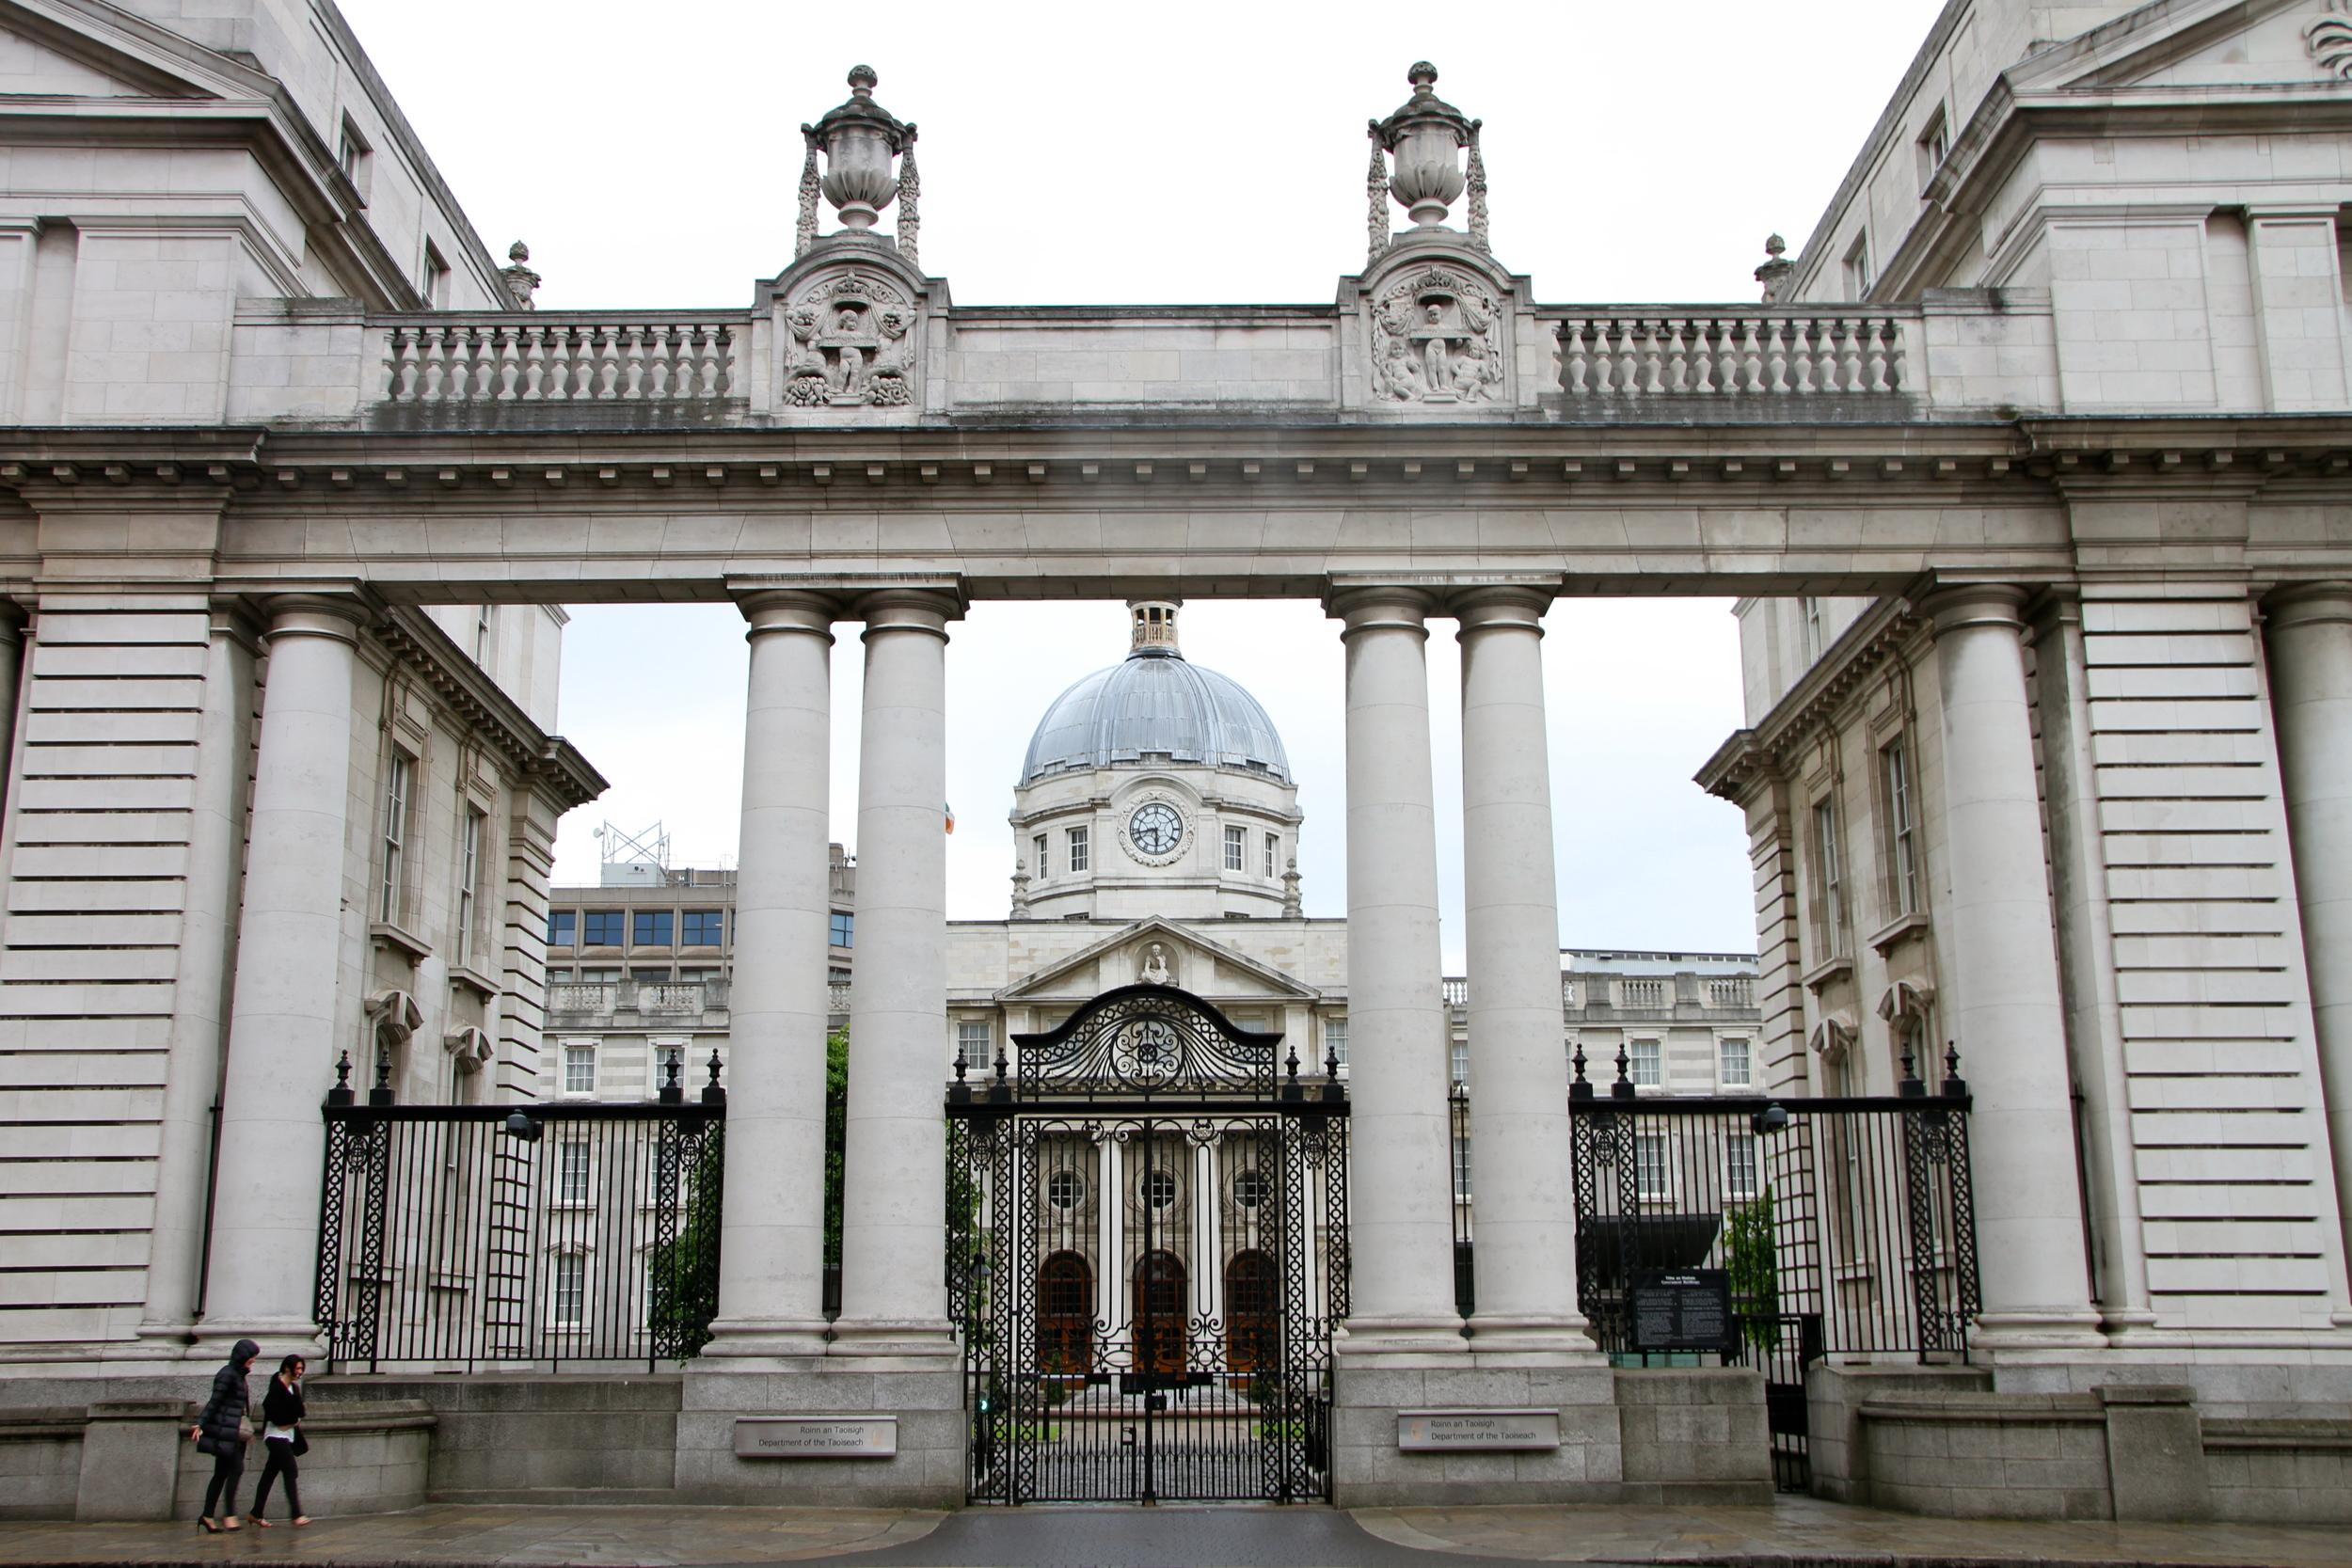 Important looking buildings, Dublin, Ireland.